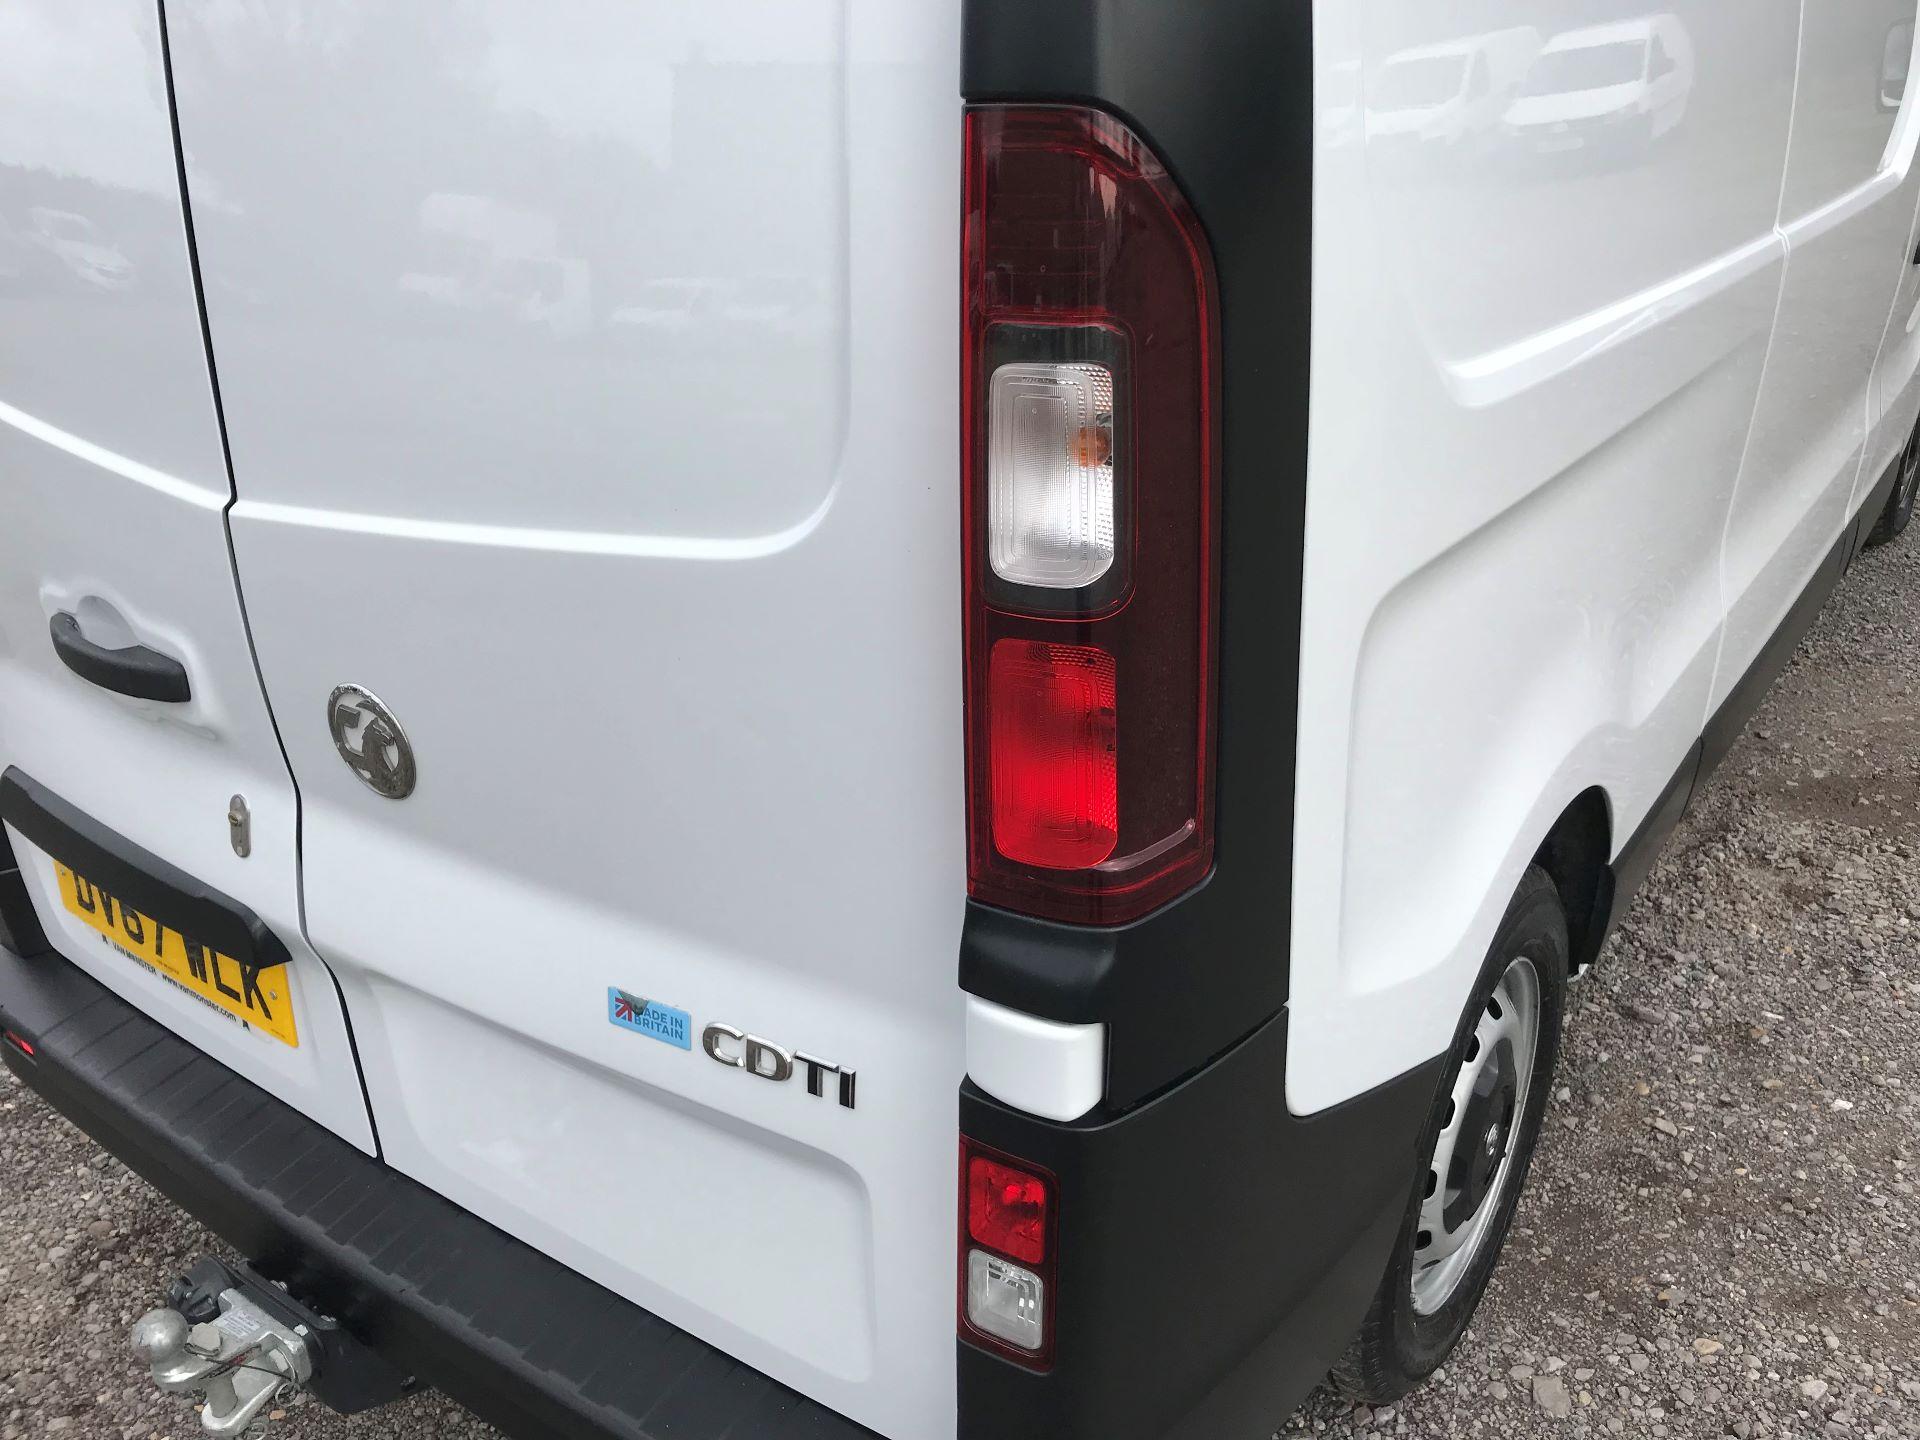 2017 Vauxhall Vivaro L2 H1 2900 1.6CDTI 120PS EURO 6 (DV67WLK) Image 16